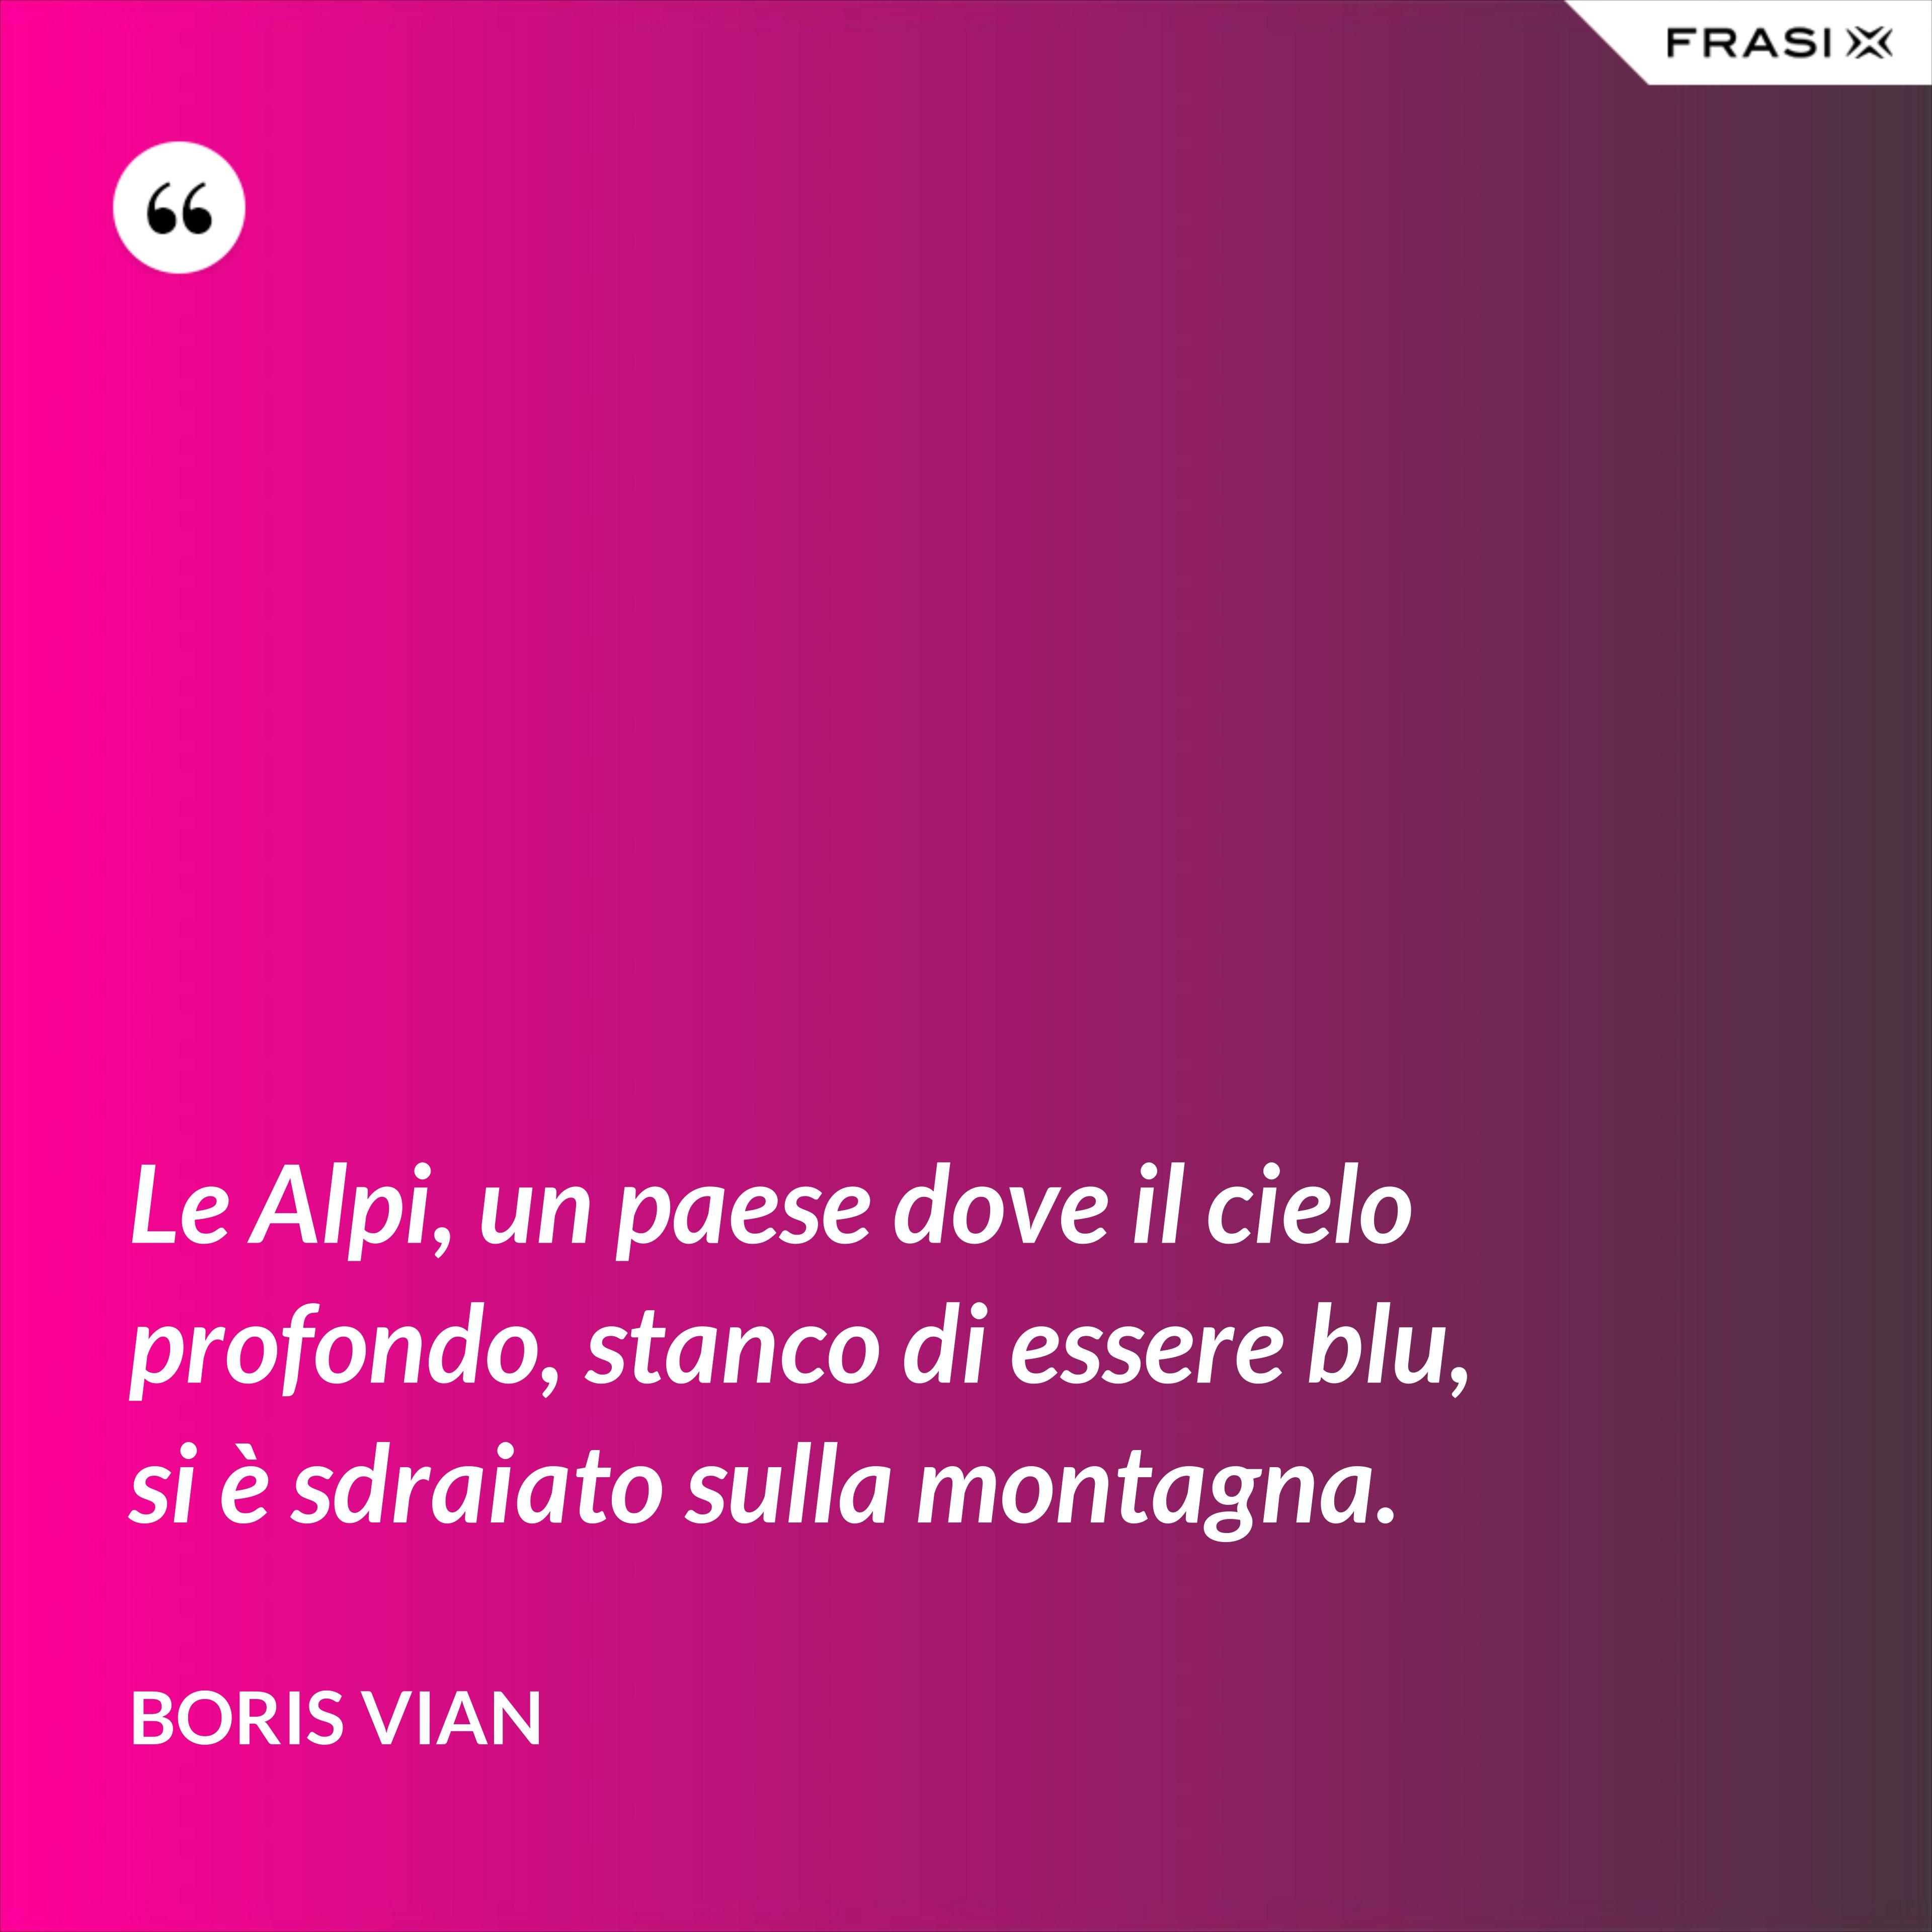 Le Alpi, un paese dove il cielo profondo, stanco di essere blu, si è sdraiato sulla montagna. - Boris Vian